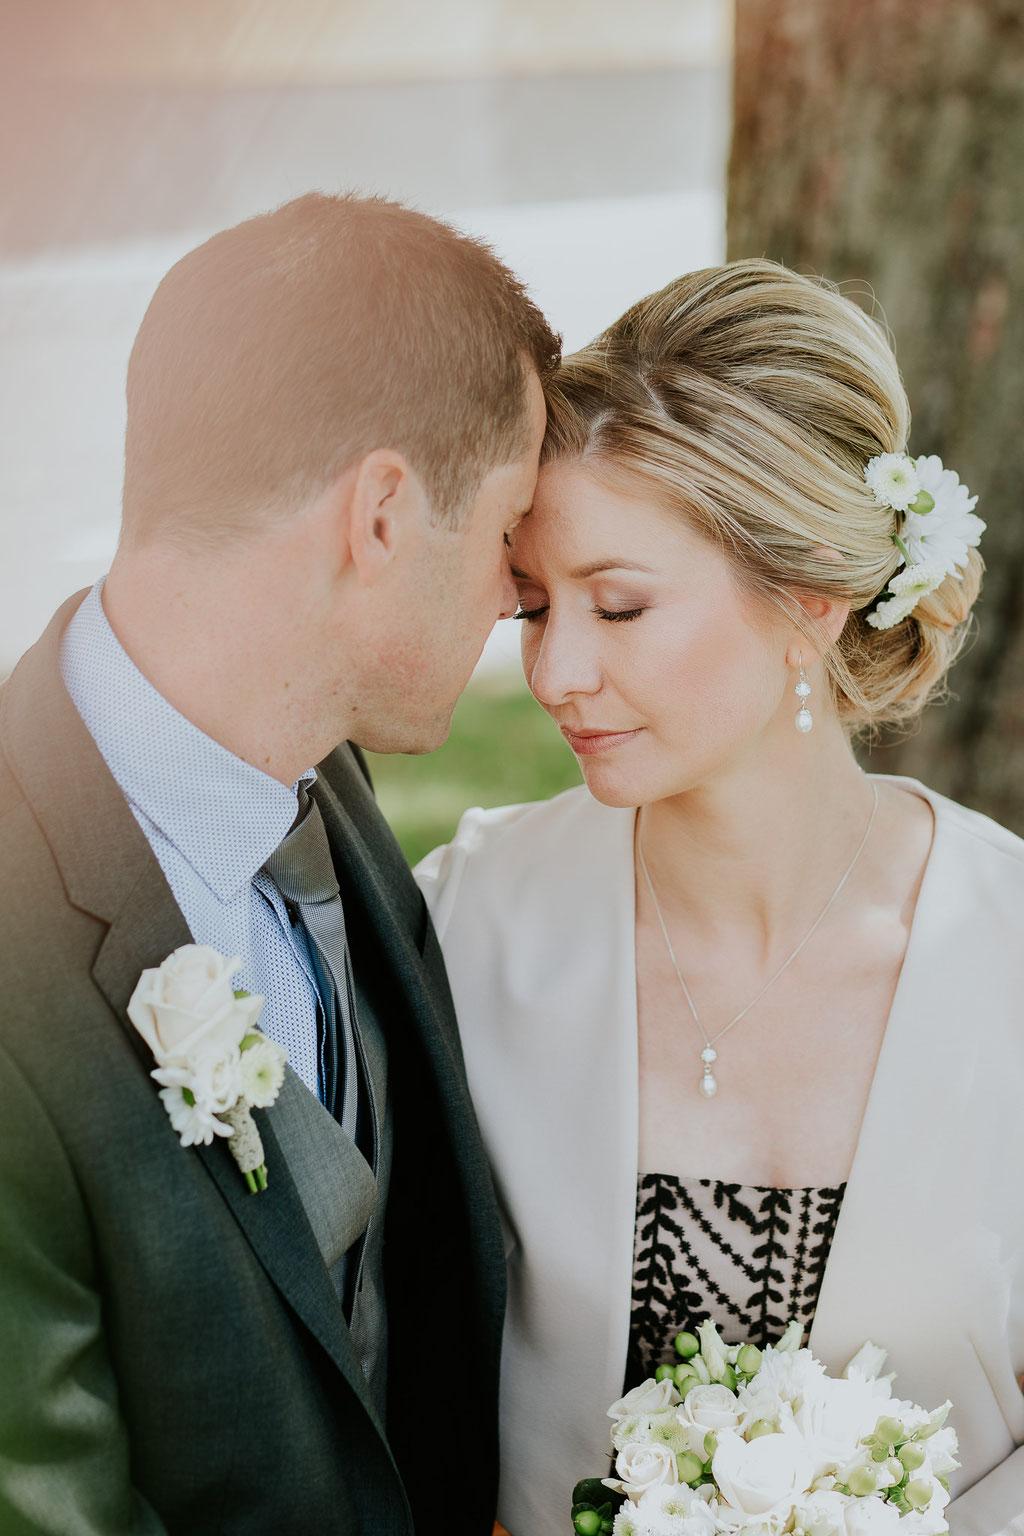 Brautpaar, Hochzeit in Atzbach, Oberösterreich